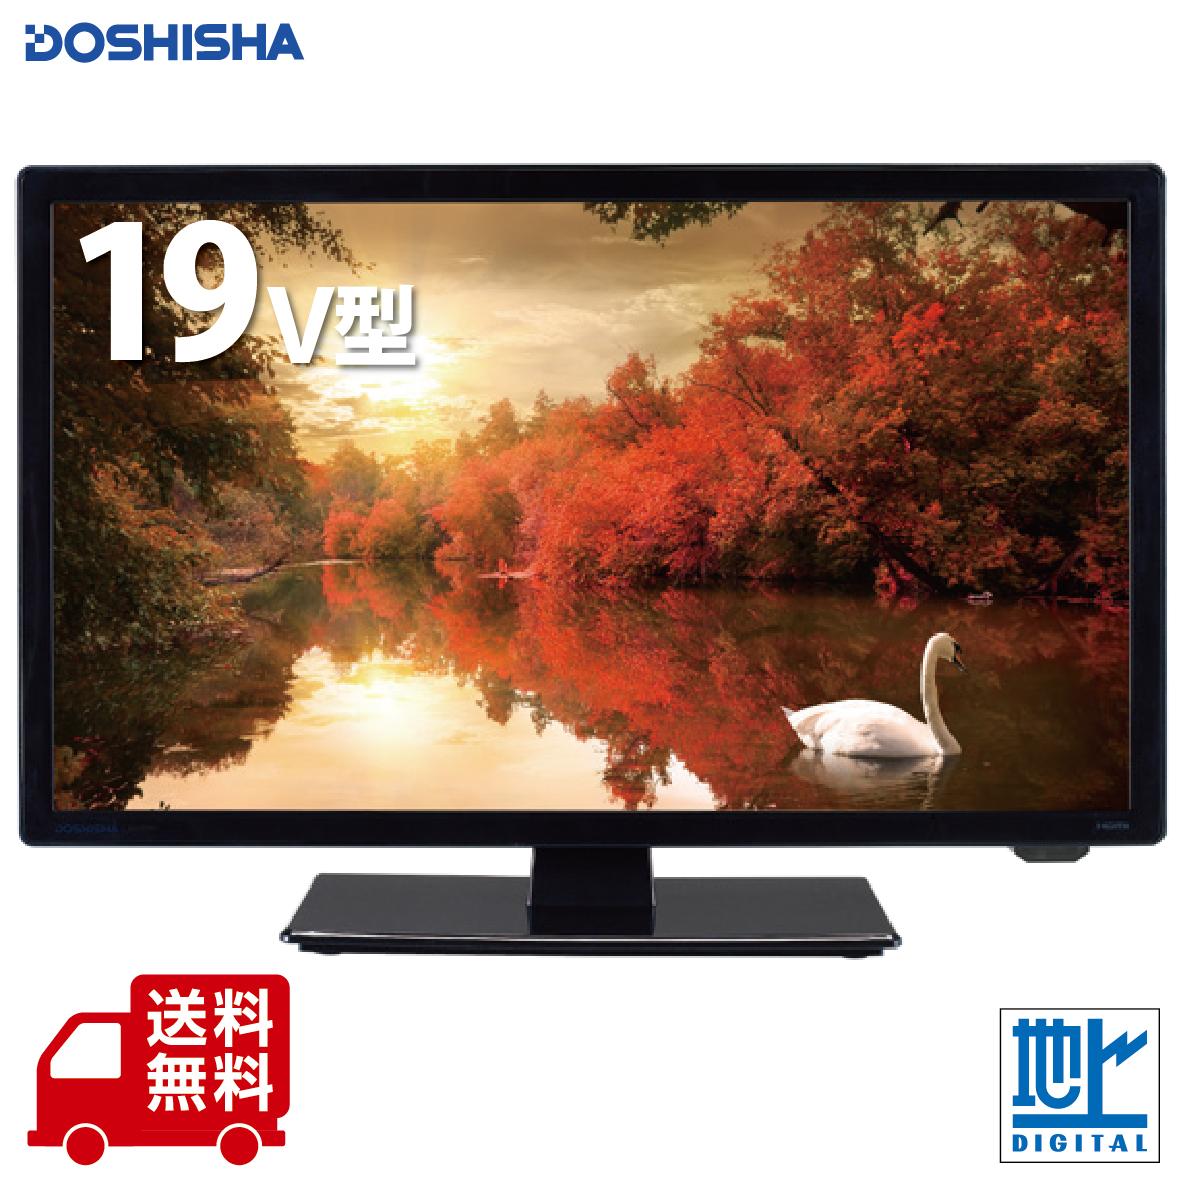 ドウシシャ 19V型地上デジタル ハイビジョンLED液晶テレビ DOL19S100